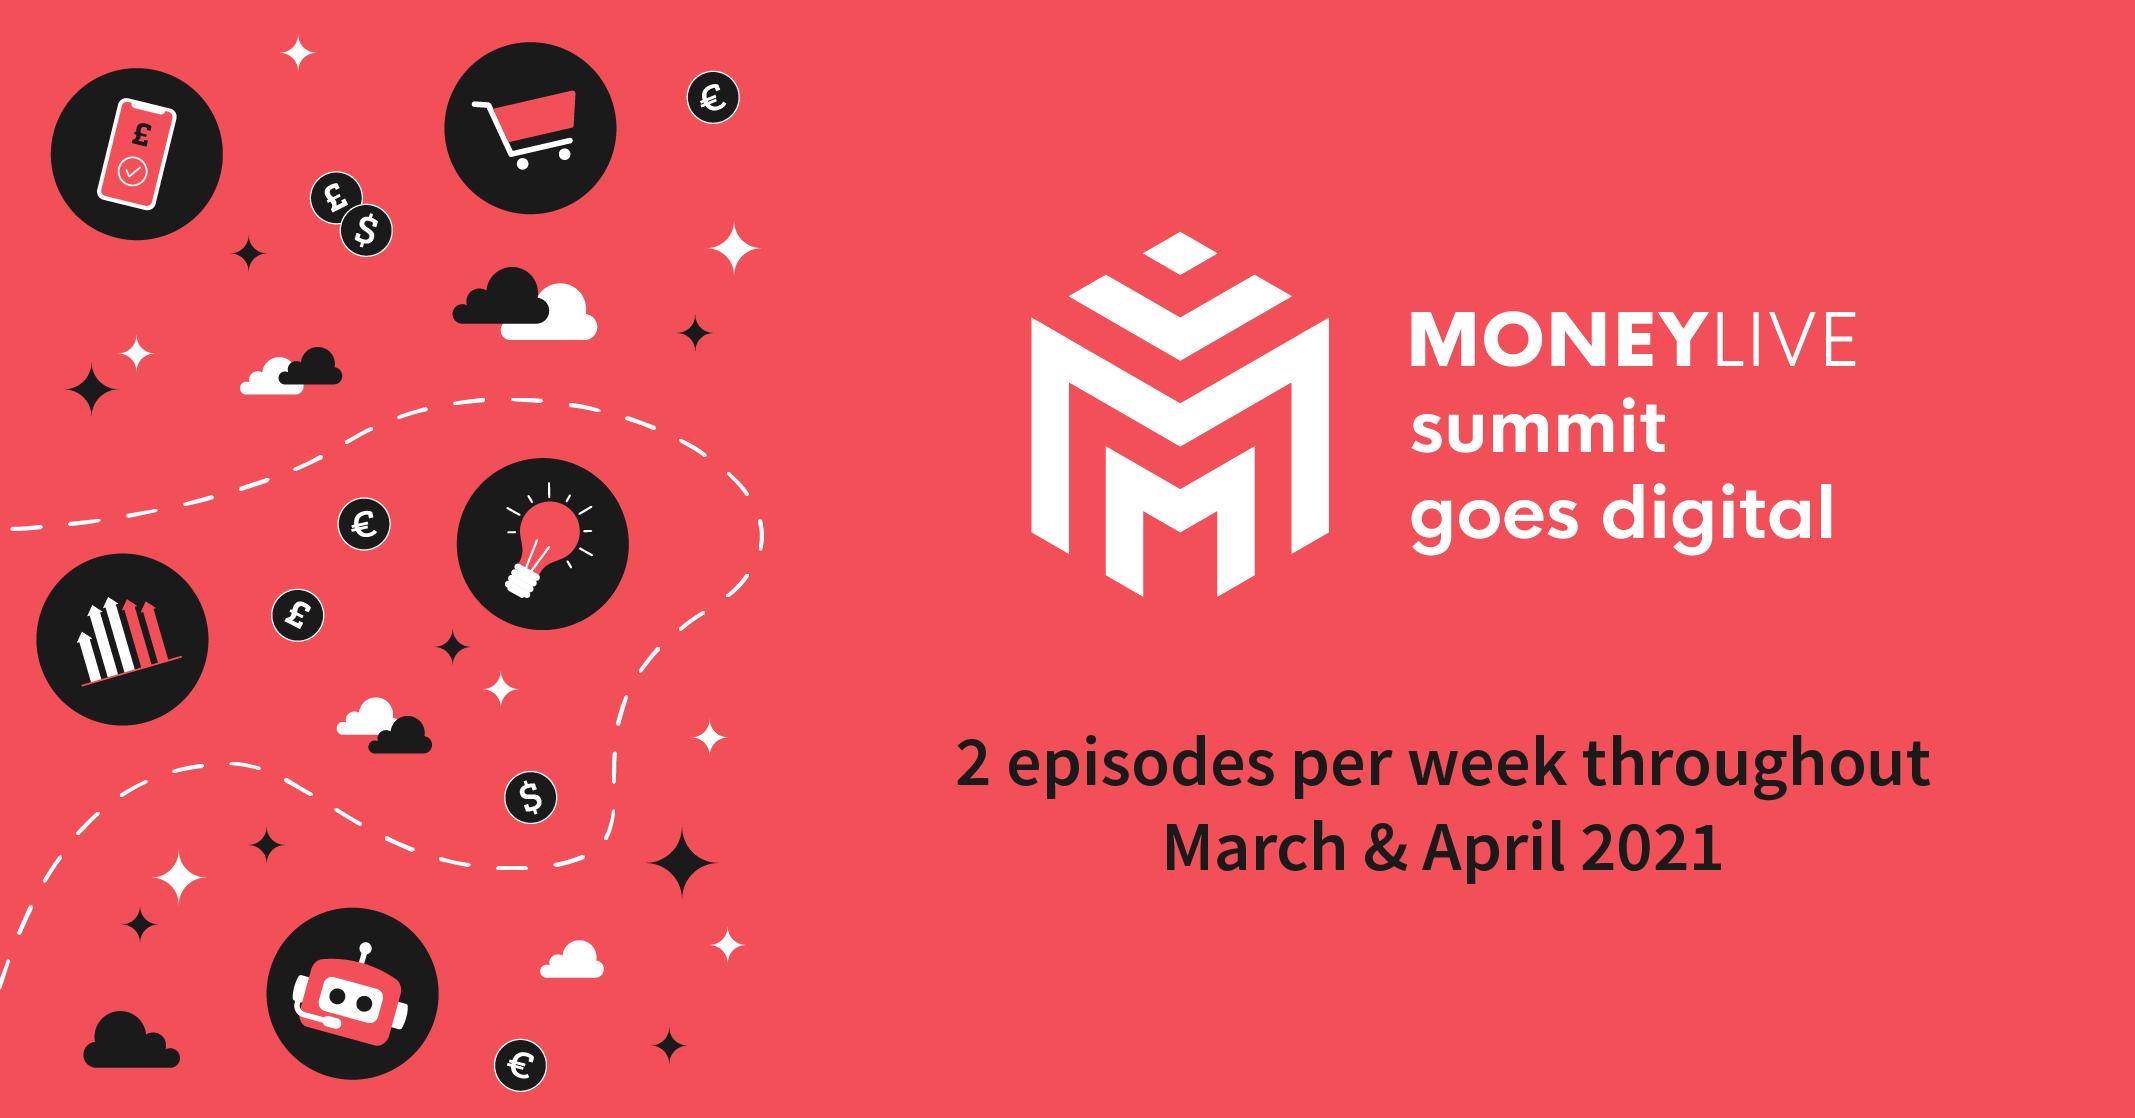 MoneyLive Summit